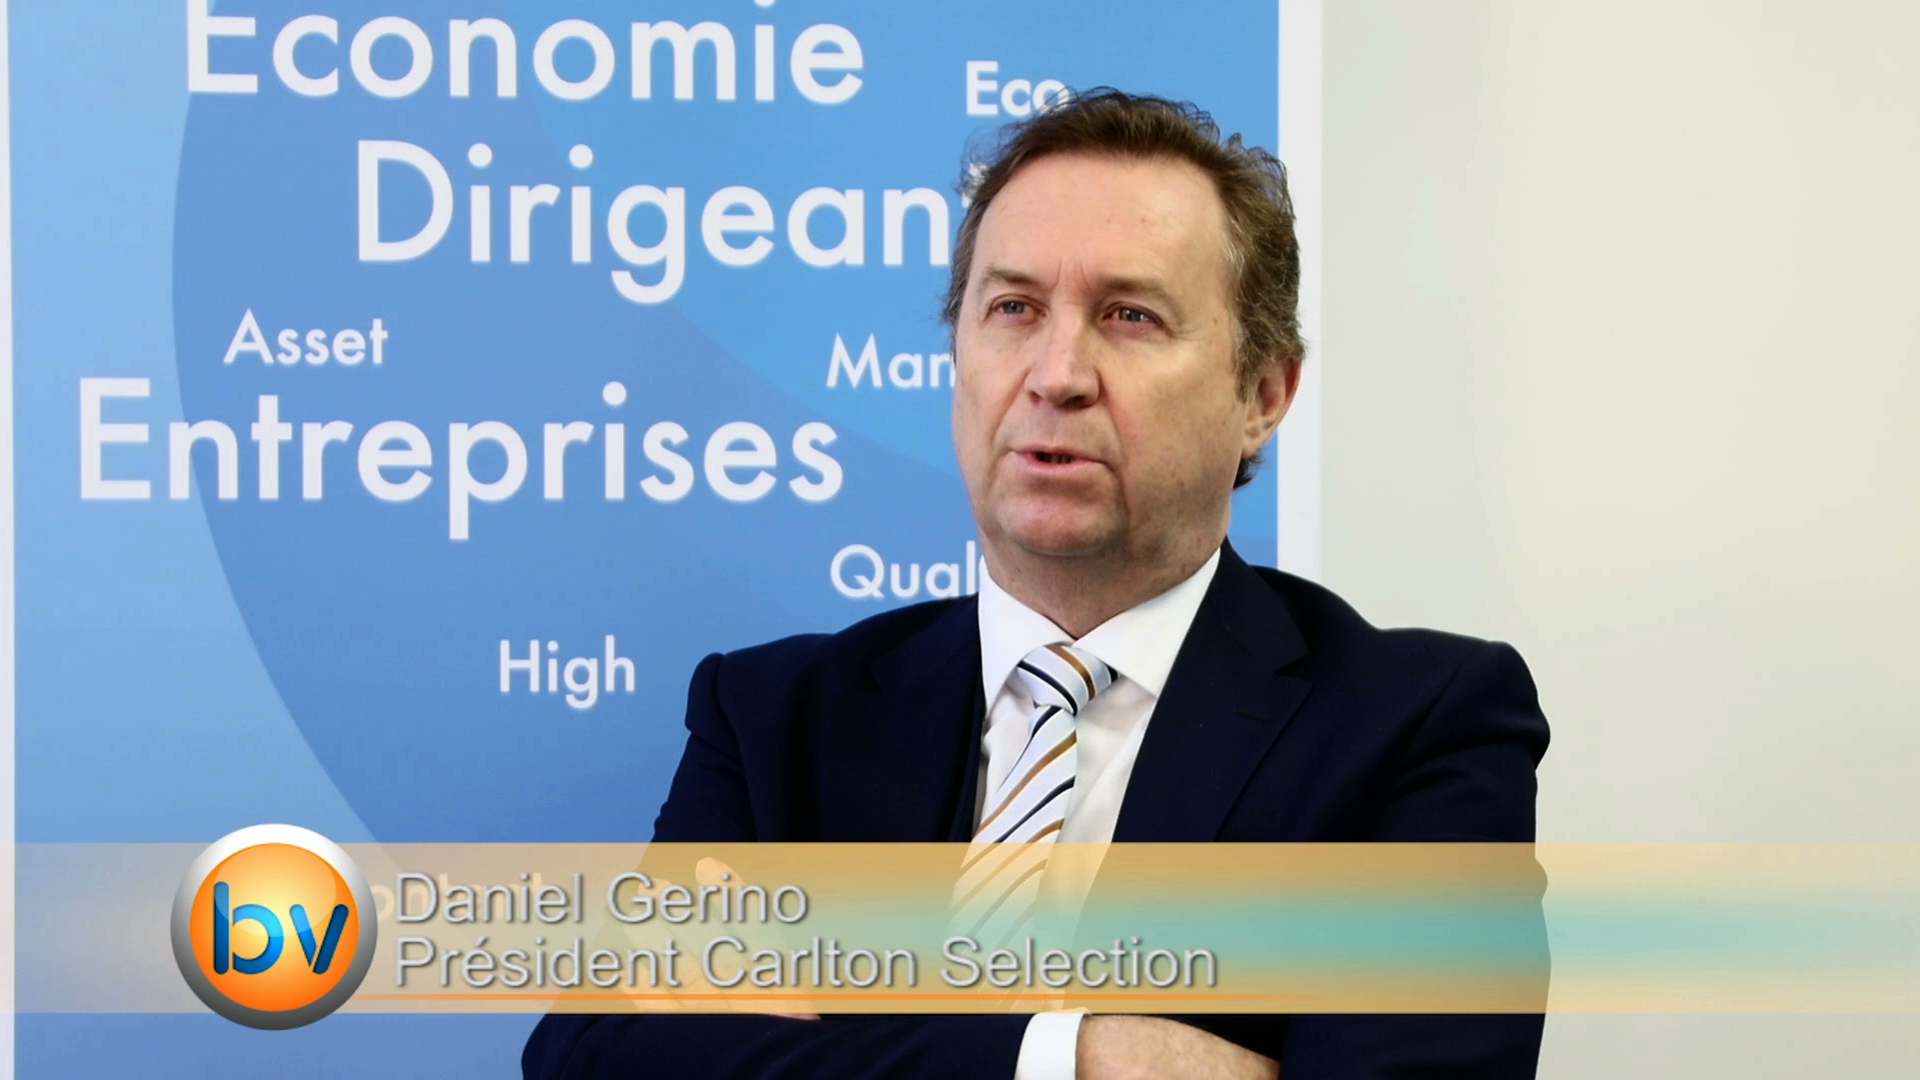 Daniel Gerino Président Carlton Sélection : «Il y a des perspectives sur la zone euro»